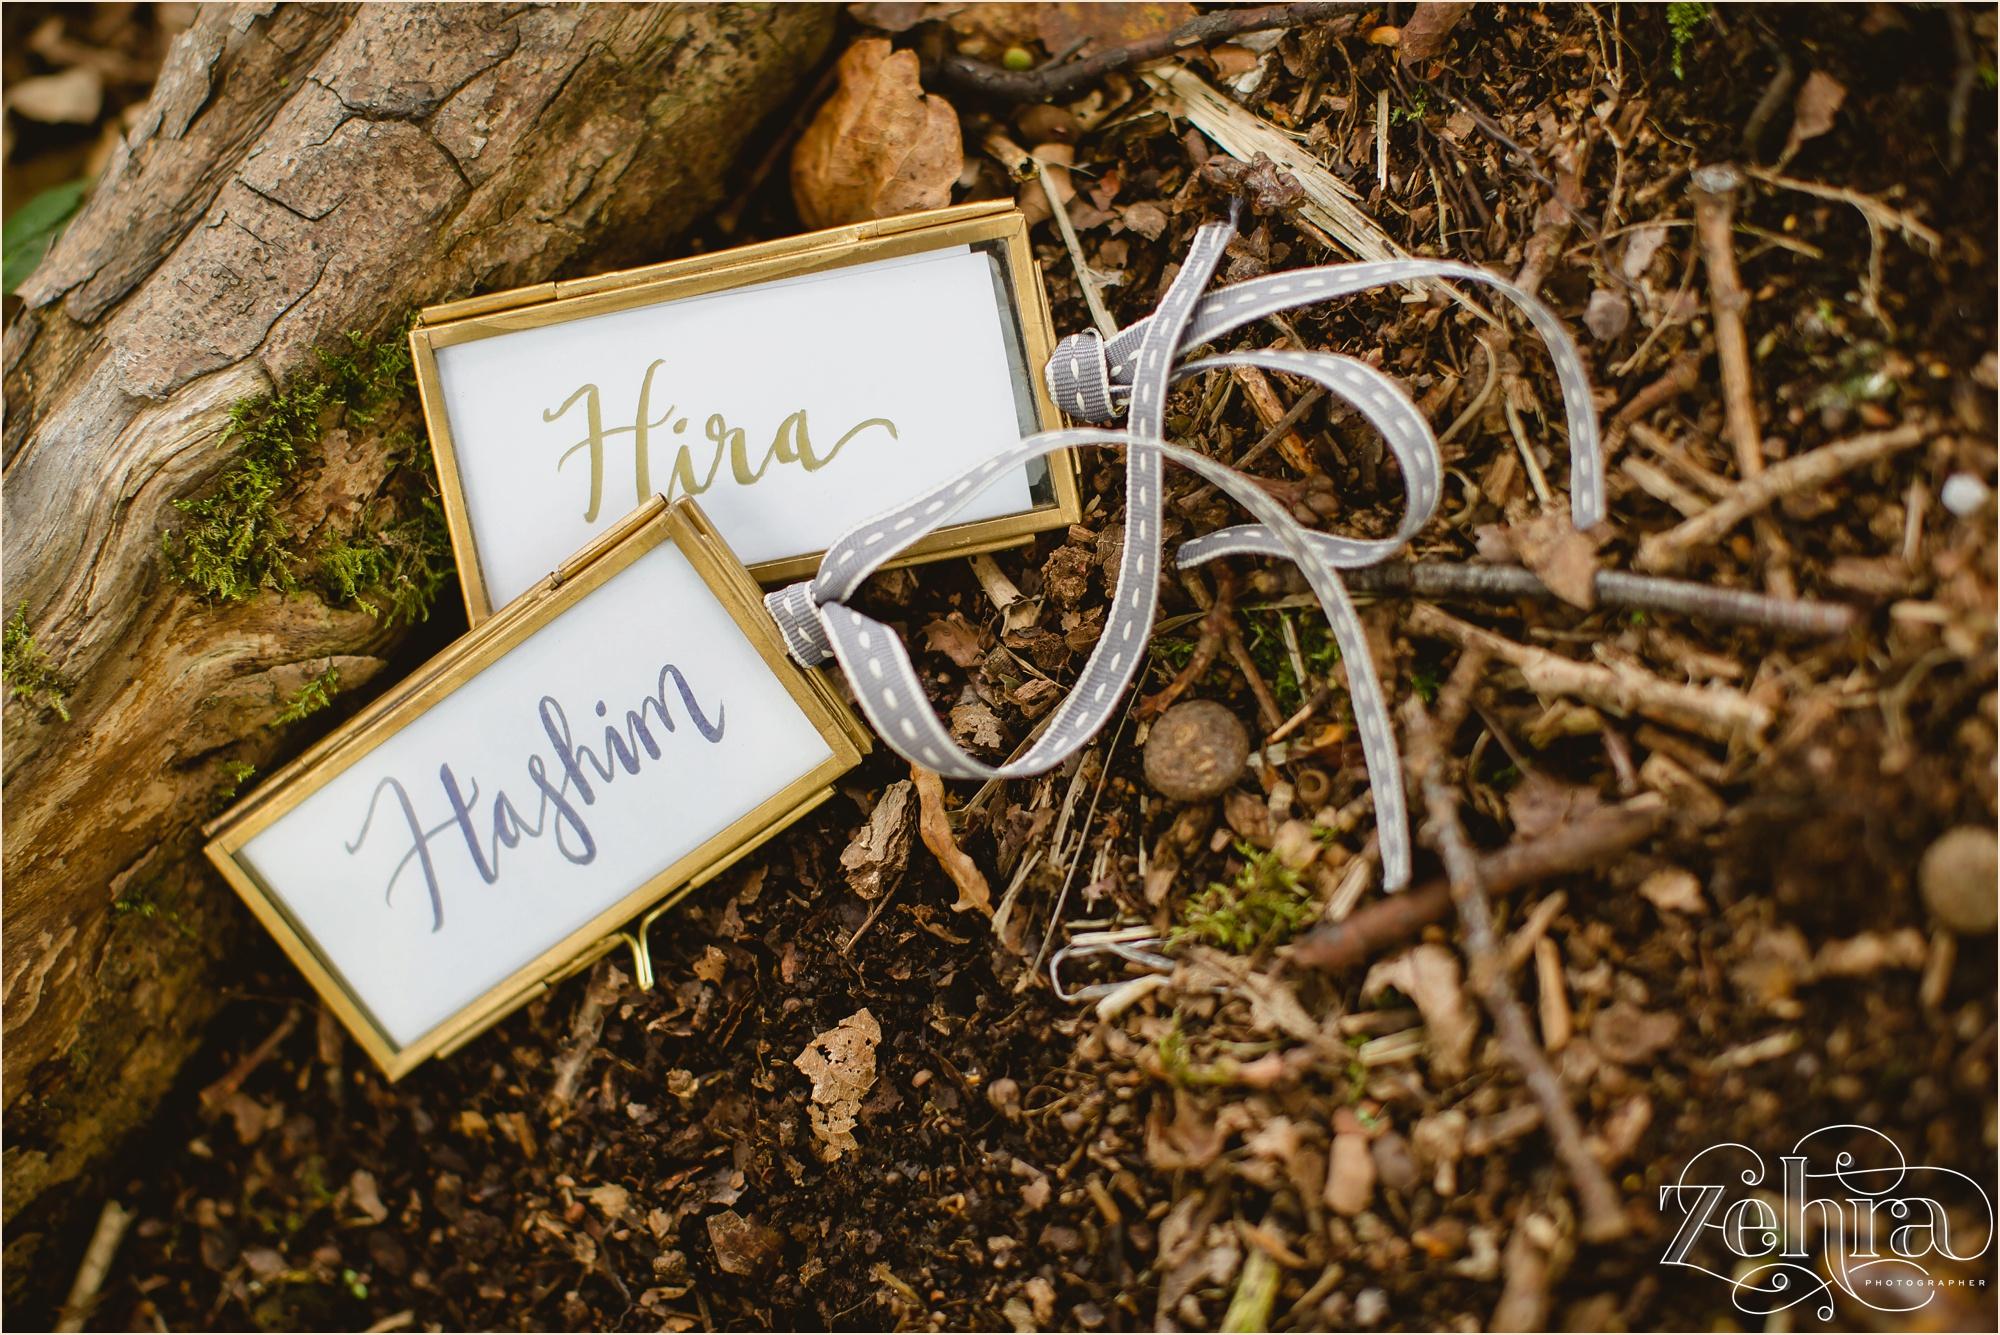 zehra photographer hira hashim prewed_0001.jpg